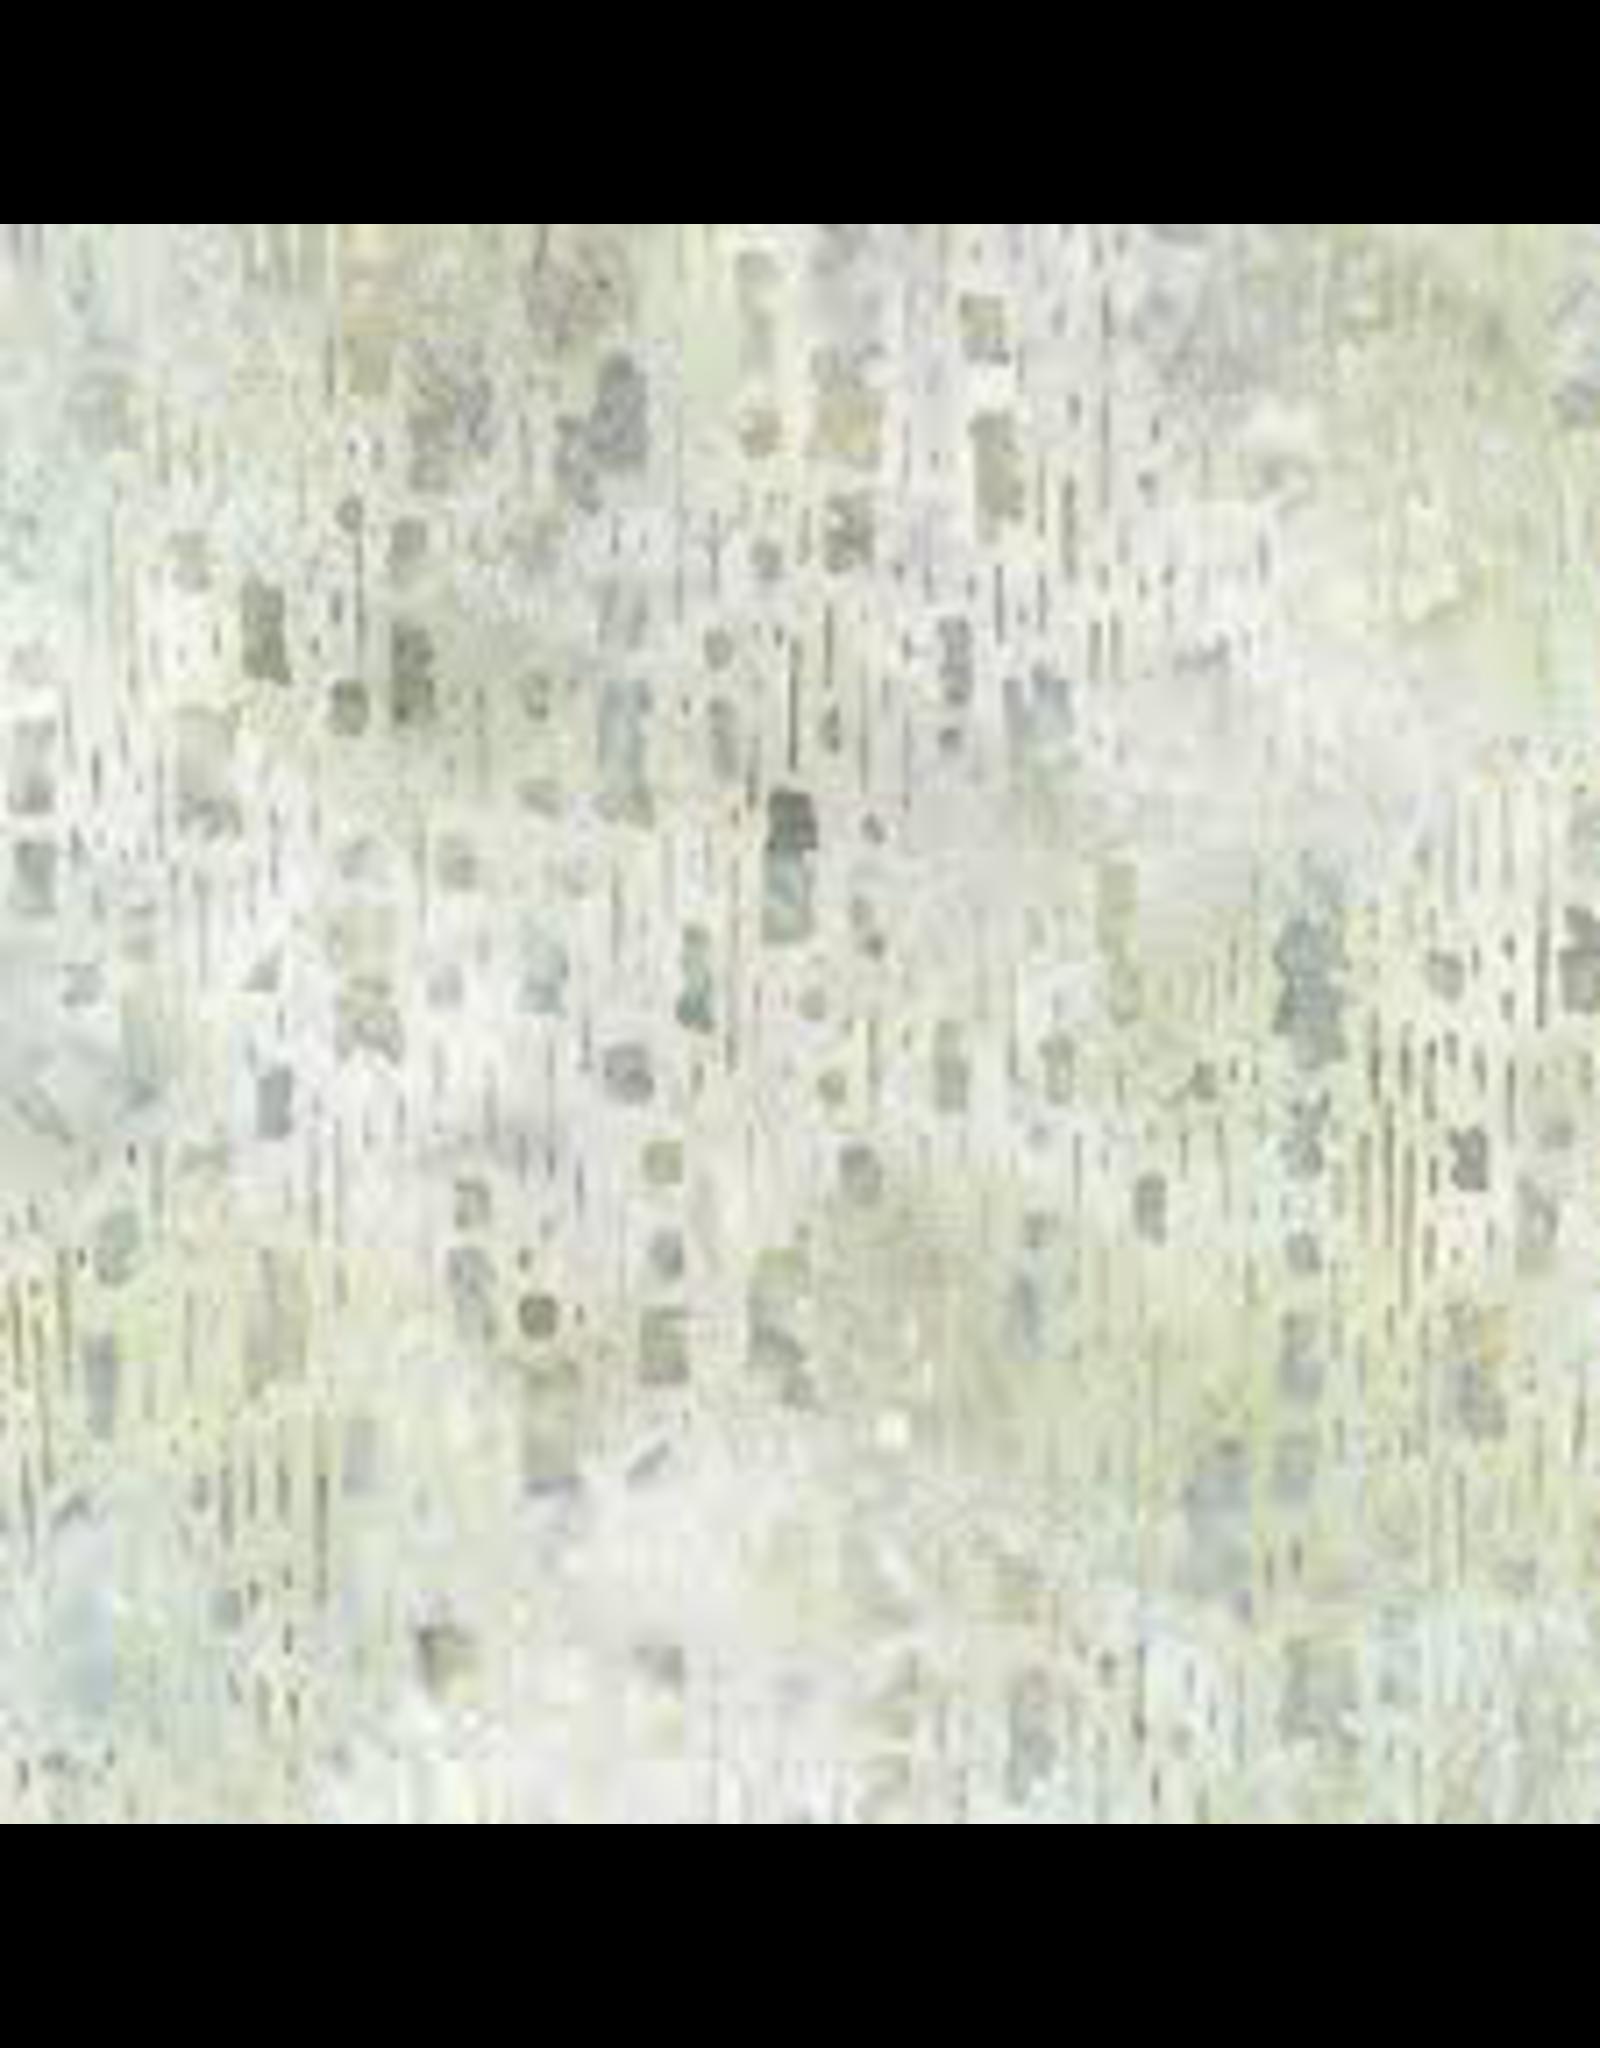 Robert Kaufman Texture Study 3 - Pond